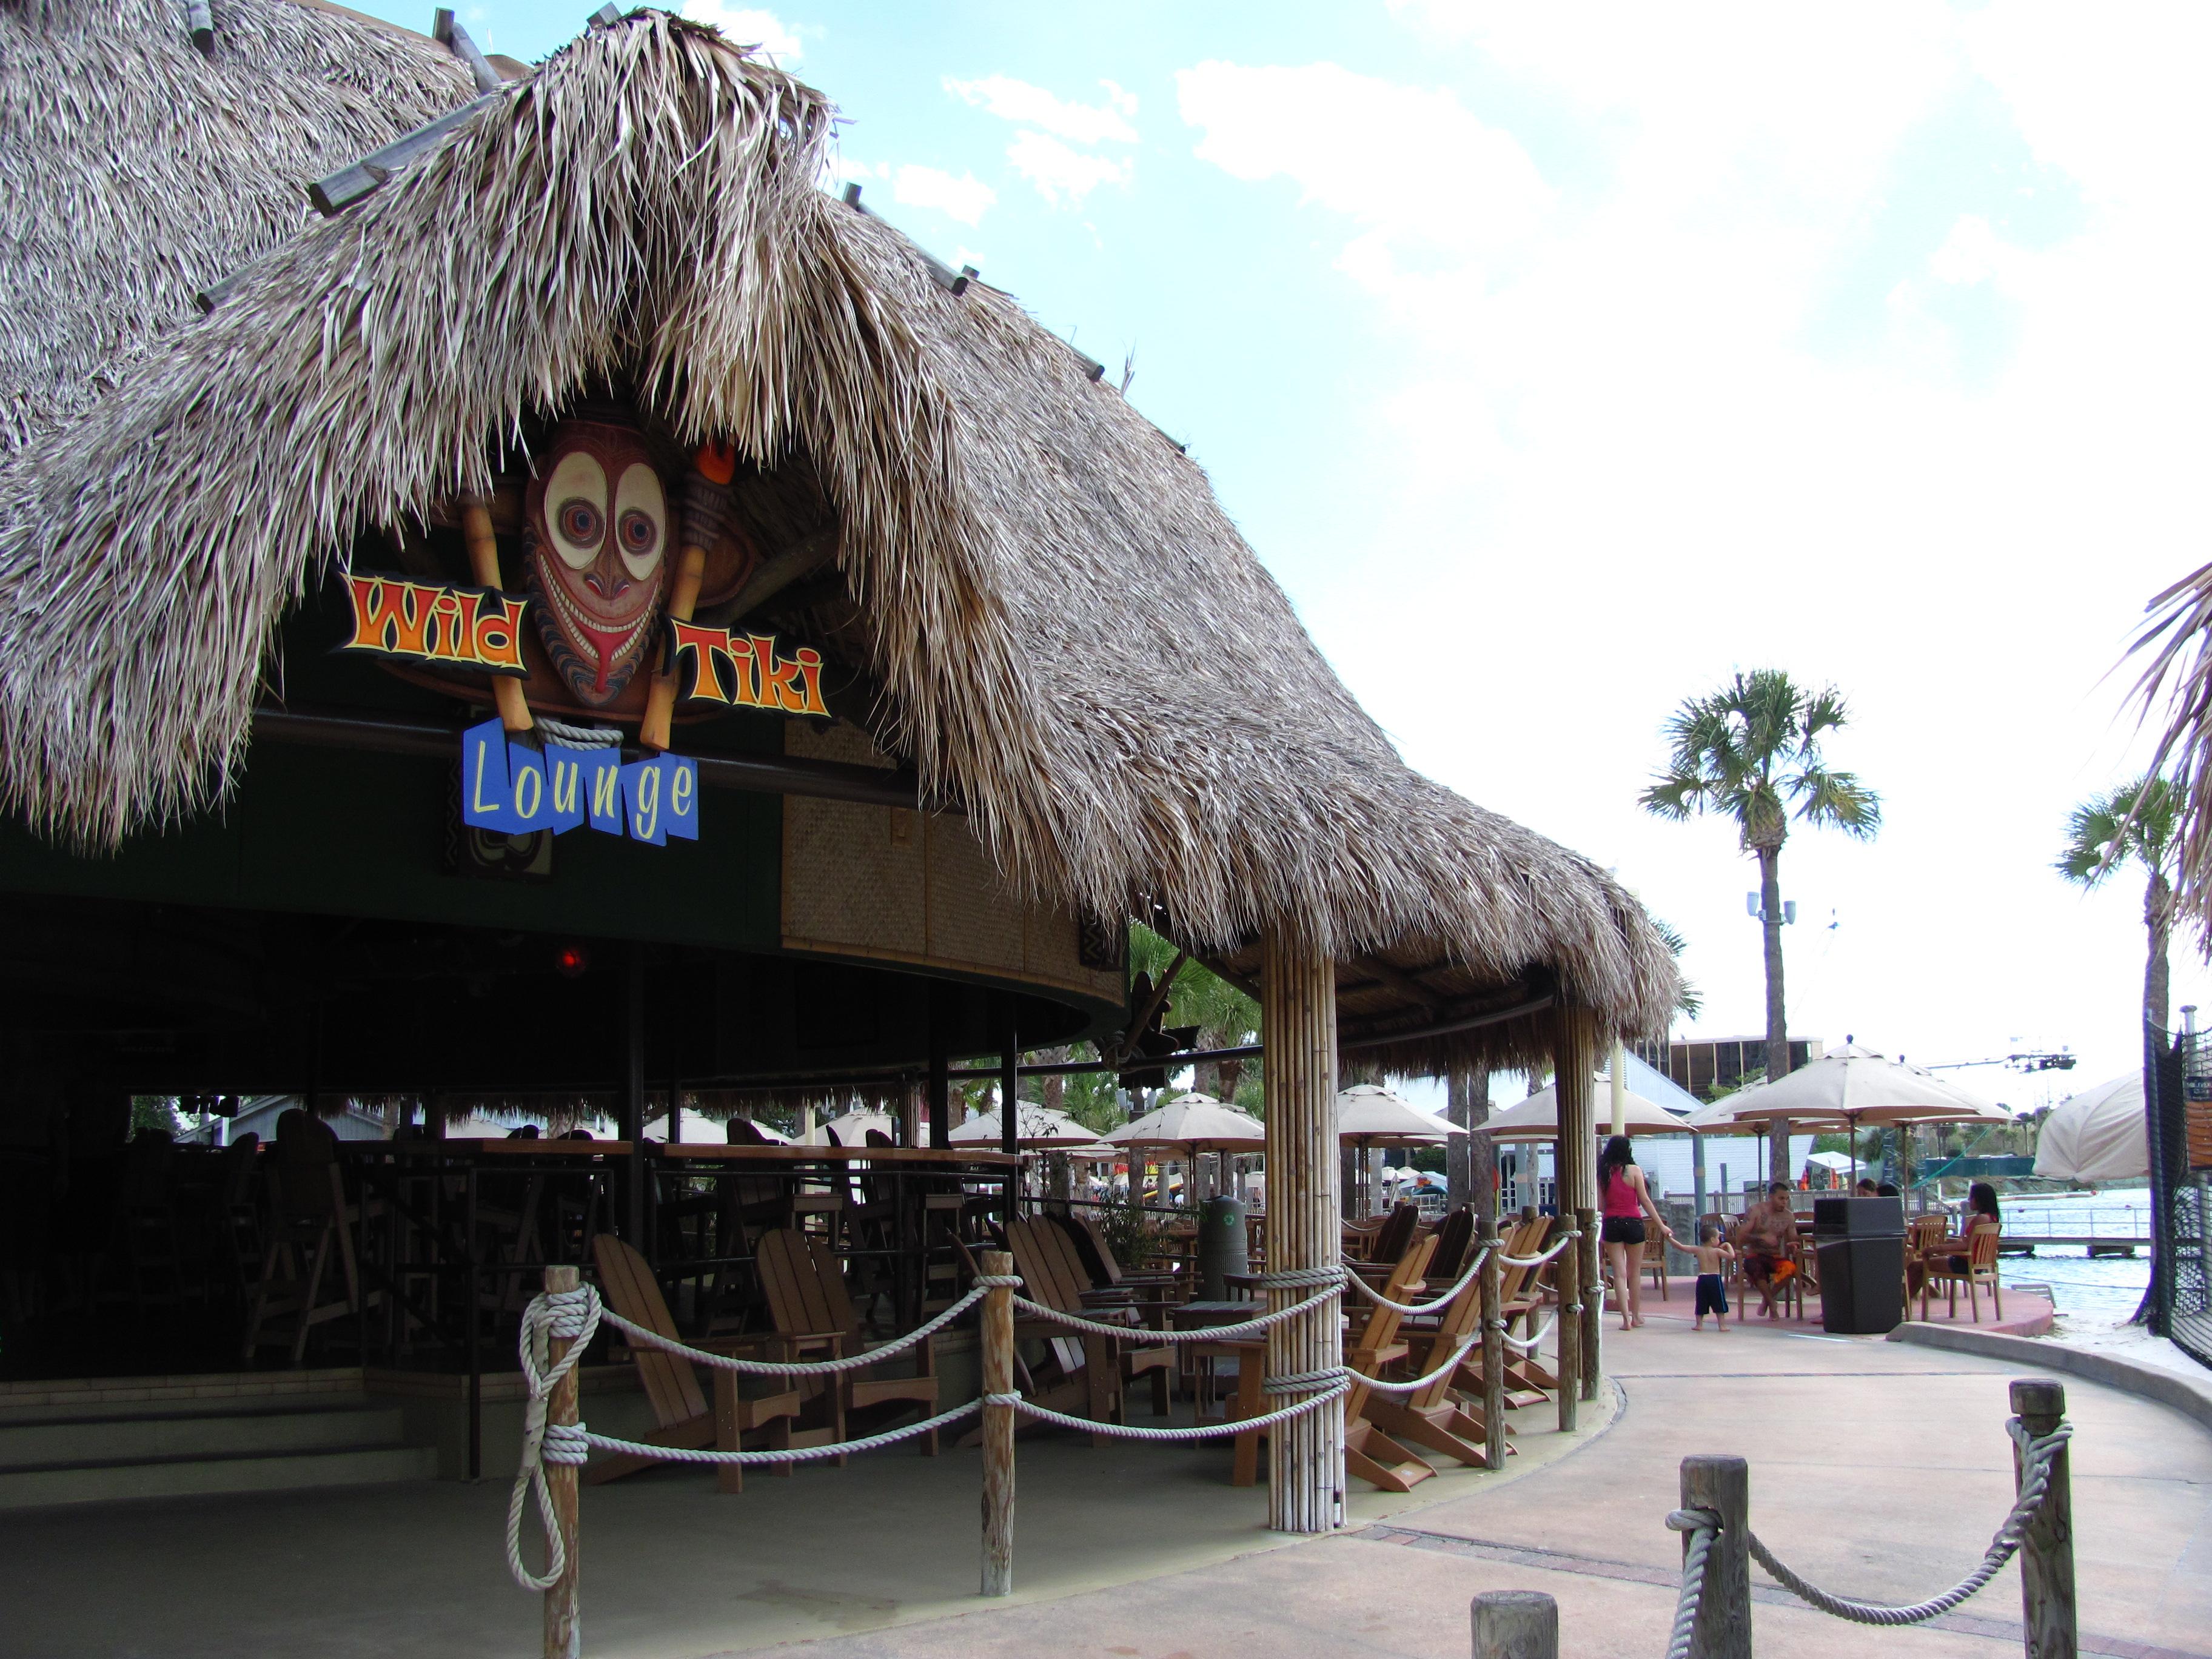 Tiki Lounge Wet n Wild Orlando